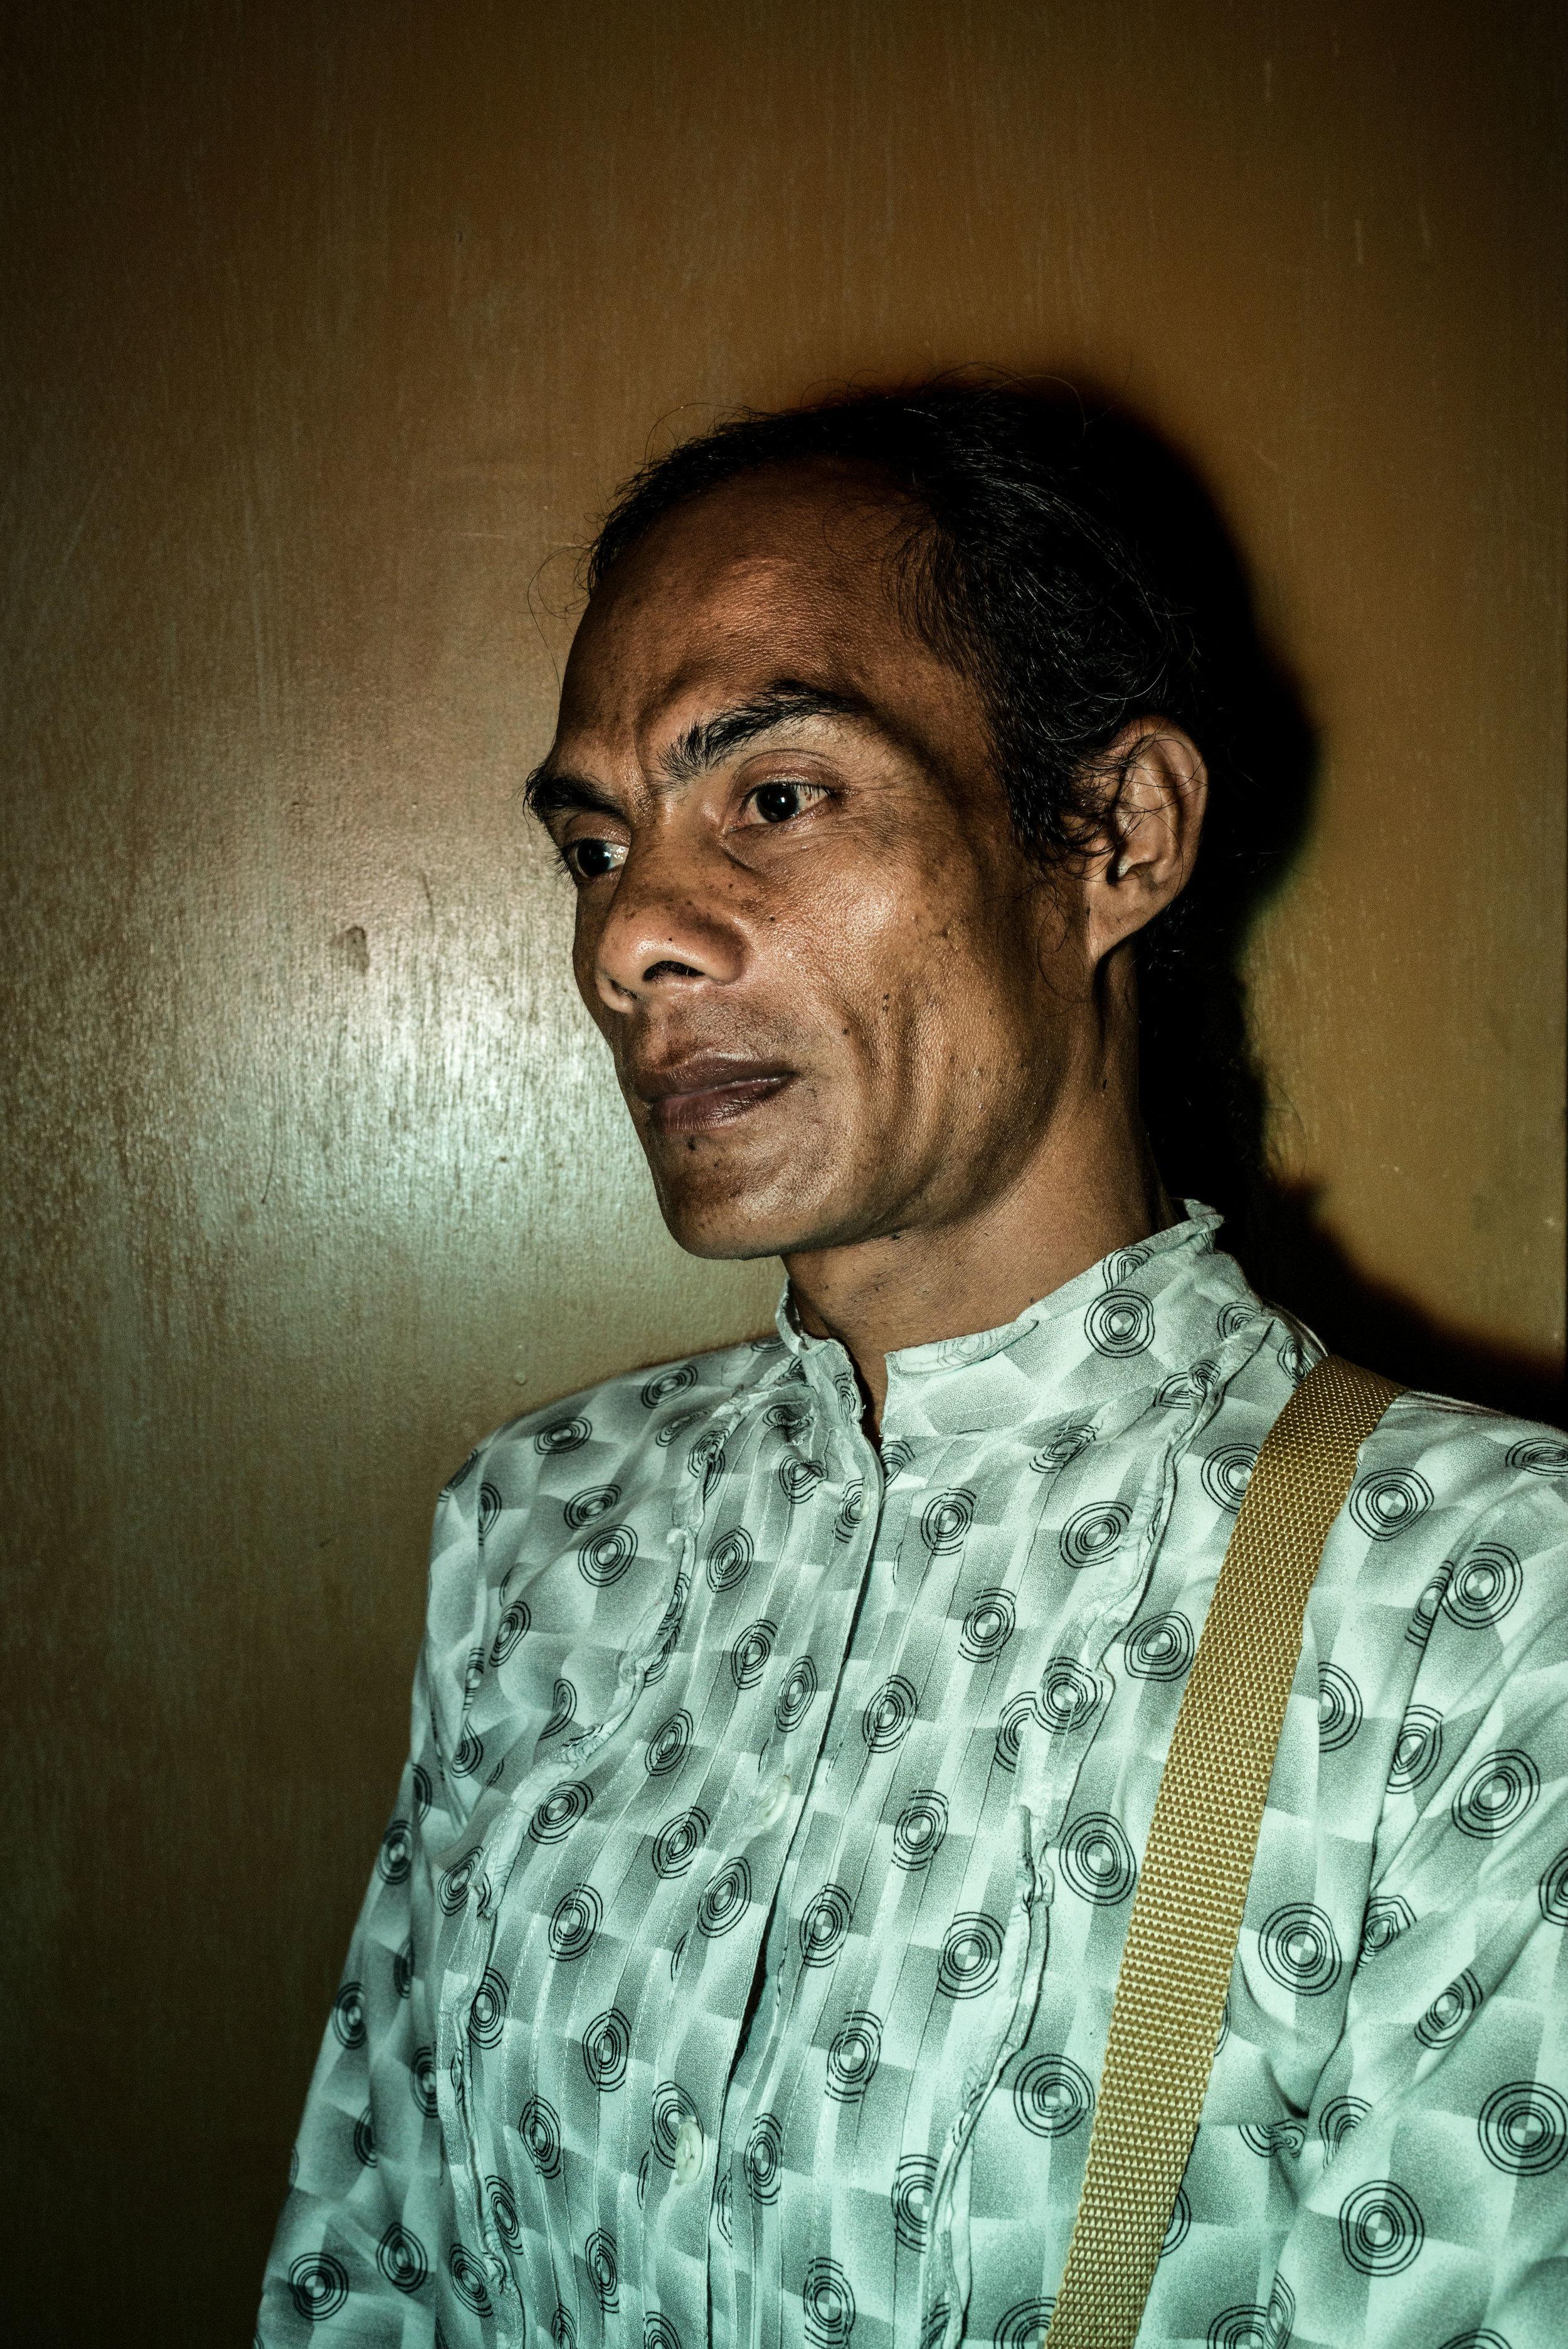 Mira, 66 years old. Jakarta, 2013.